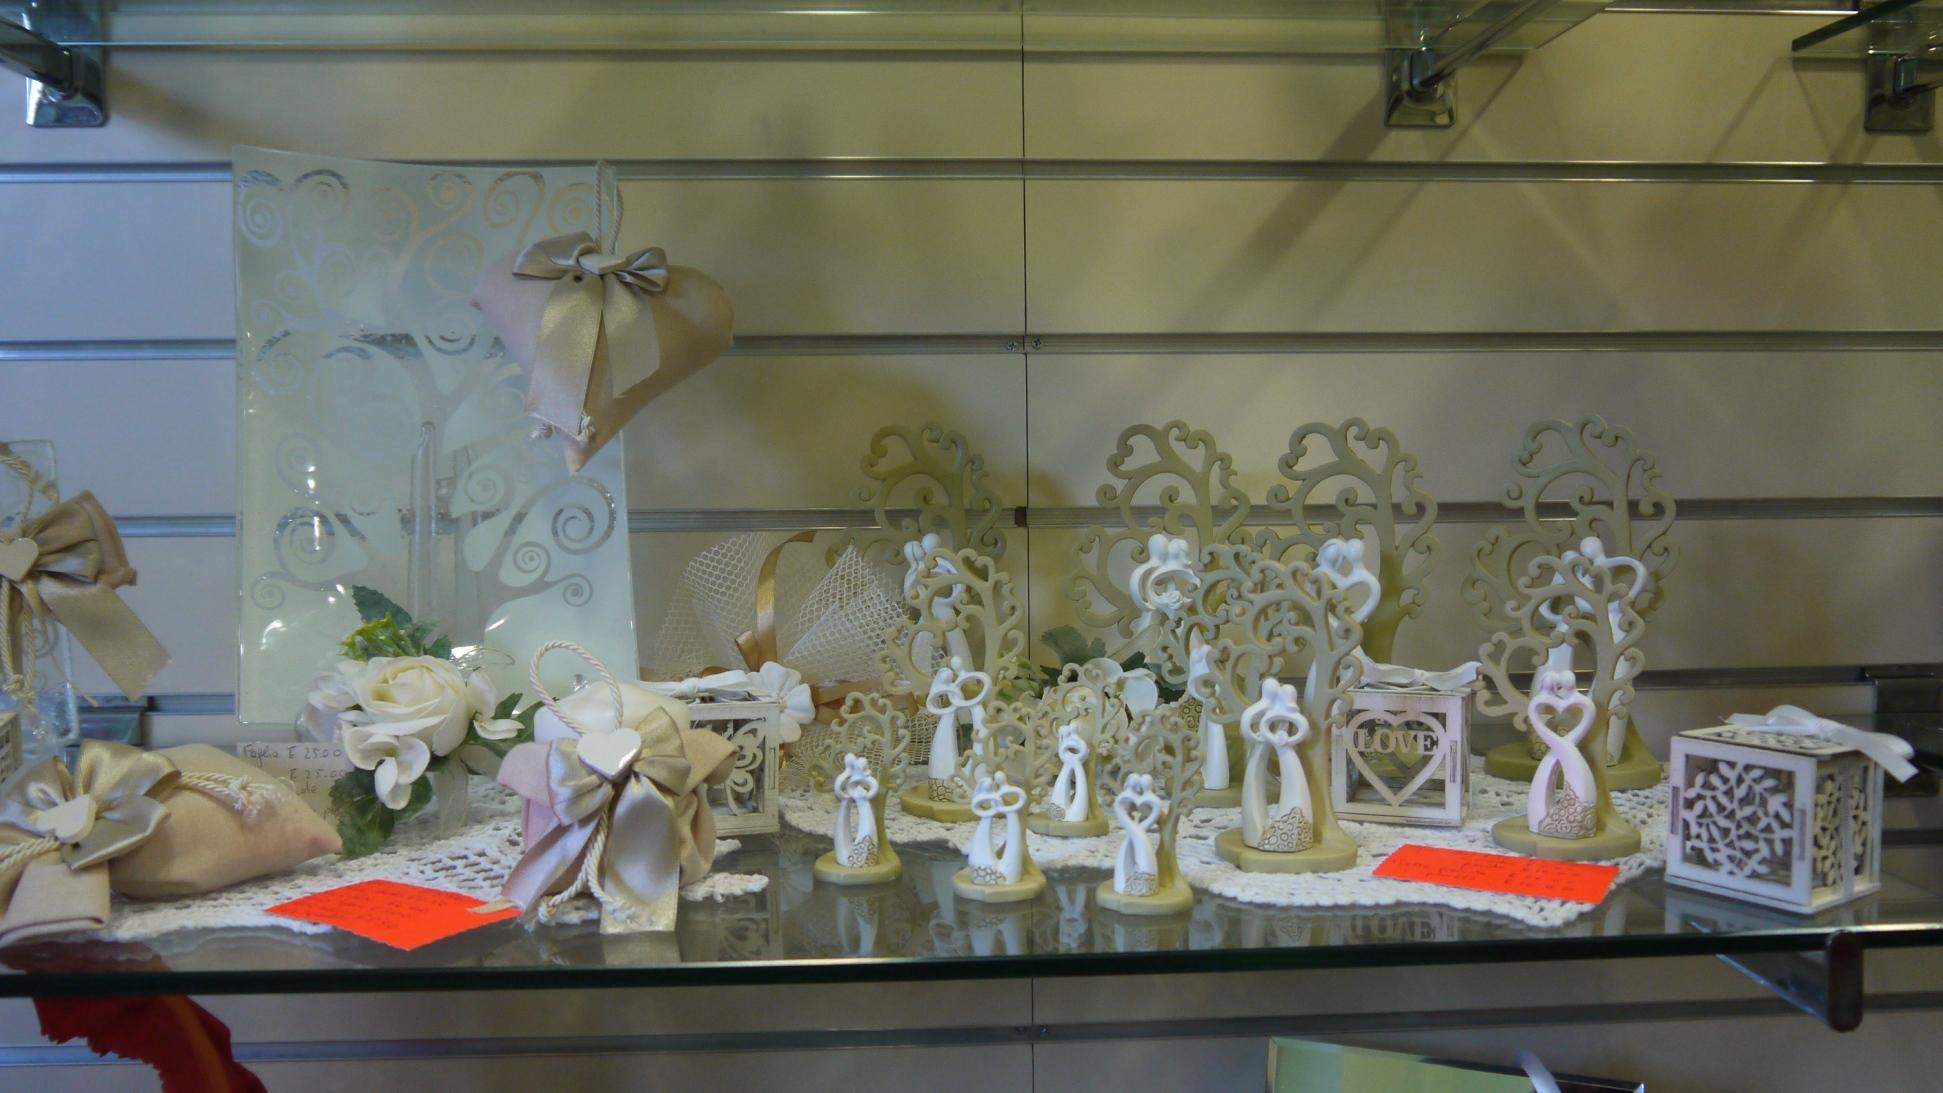 bomboniere-idee-regalo-creazioni-artigianali-roma6